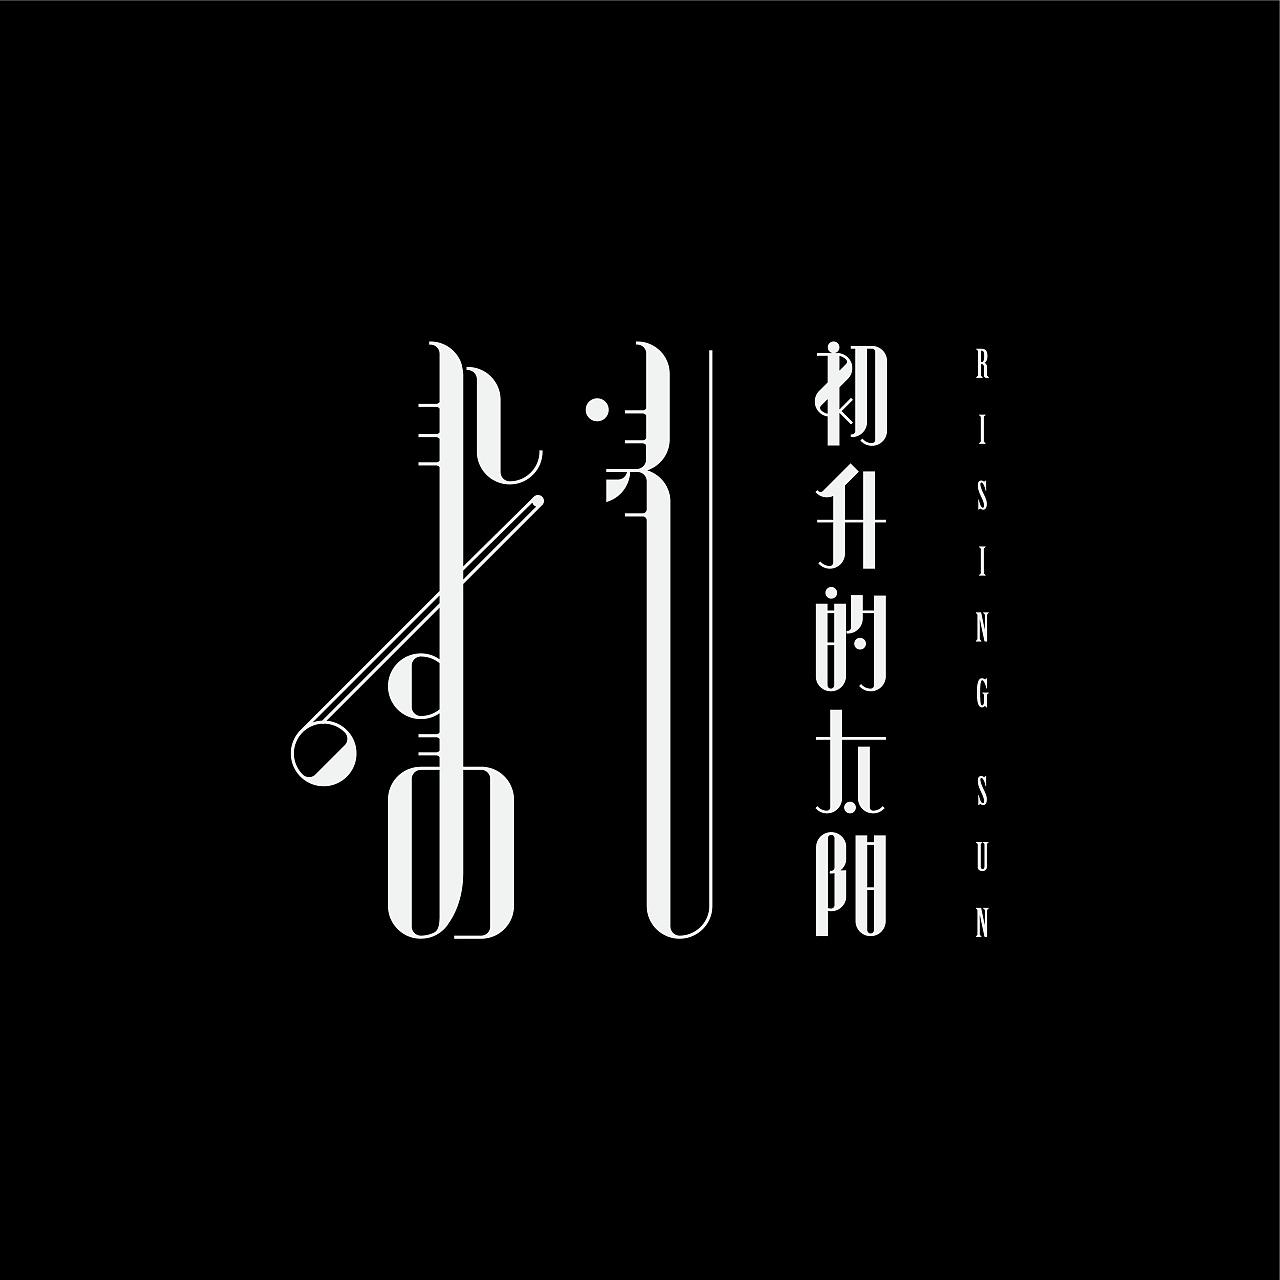 蒙古文字体设计—包立华 第8张 蒙古文字体设计—包立华 蒙古设计